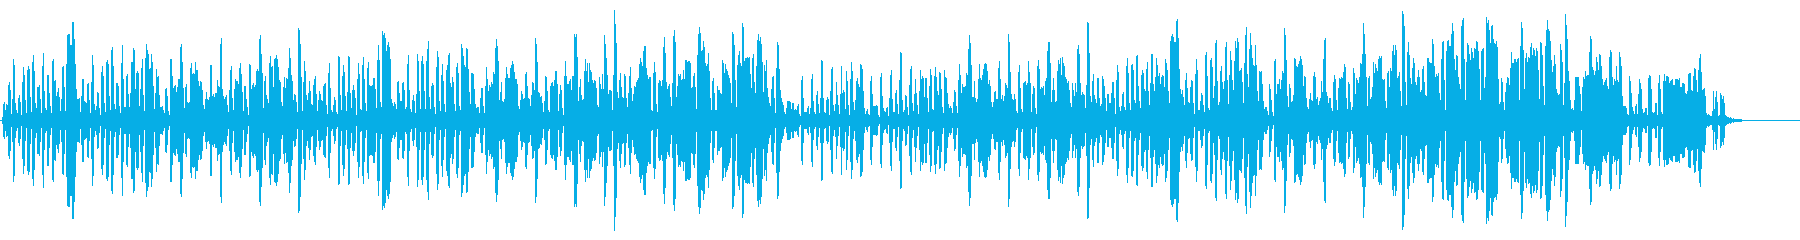 リコーダーの元気で可愛い曲2の再生済みの波形